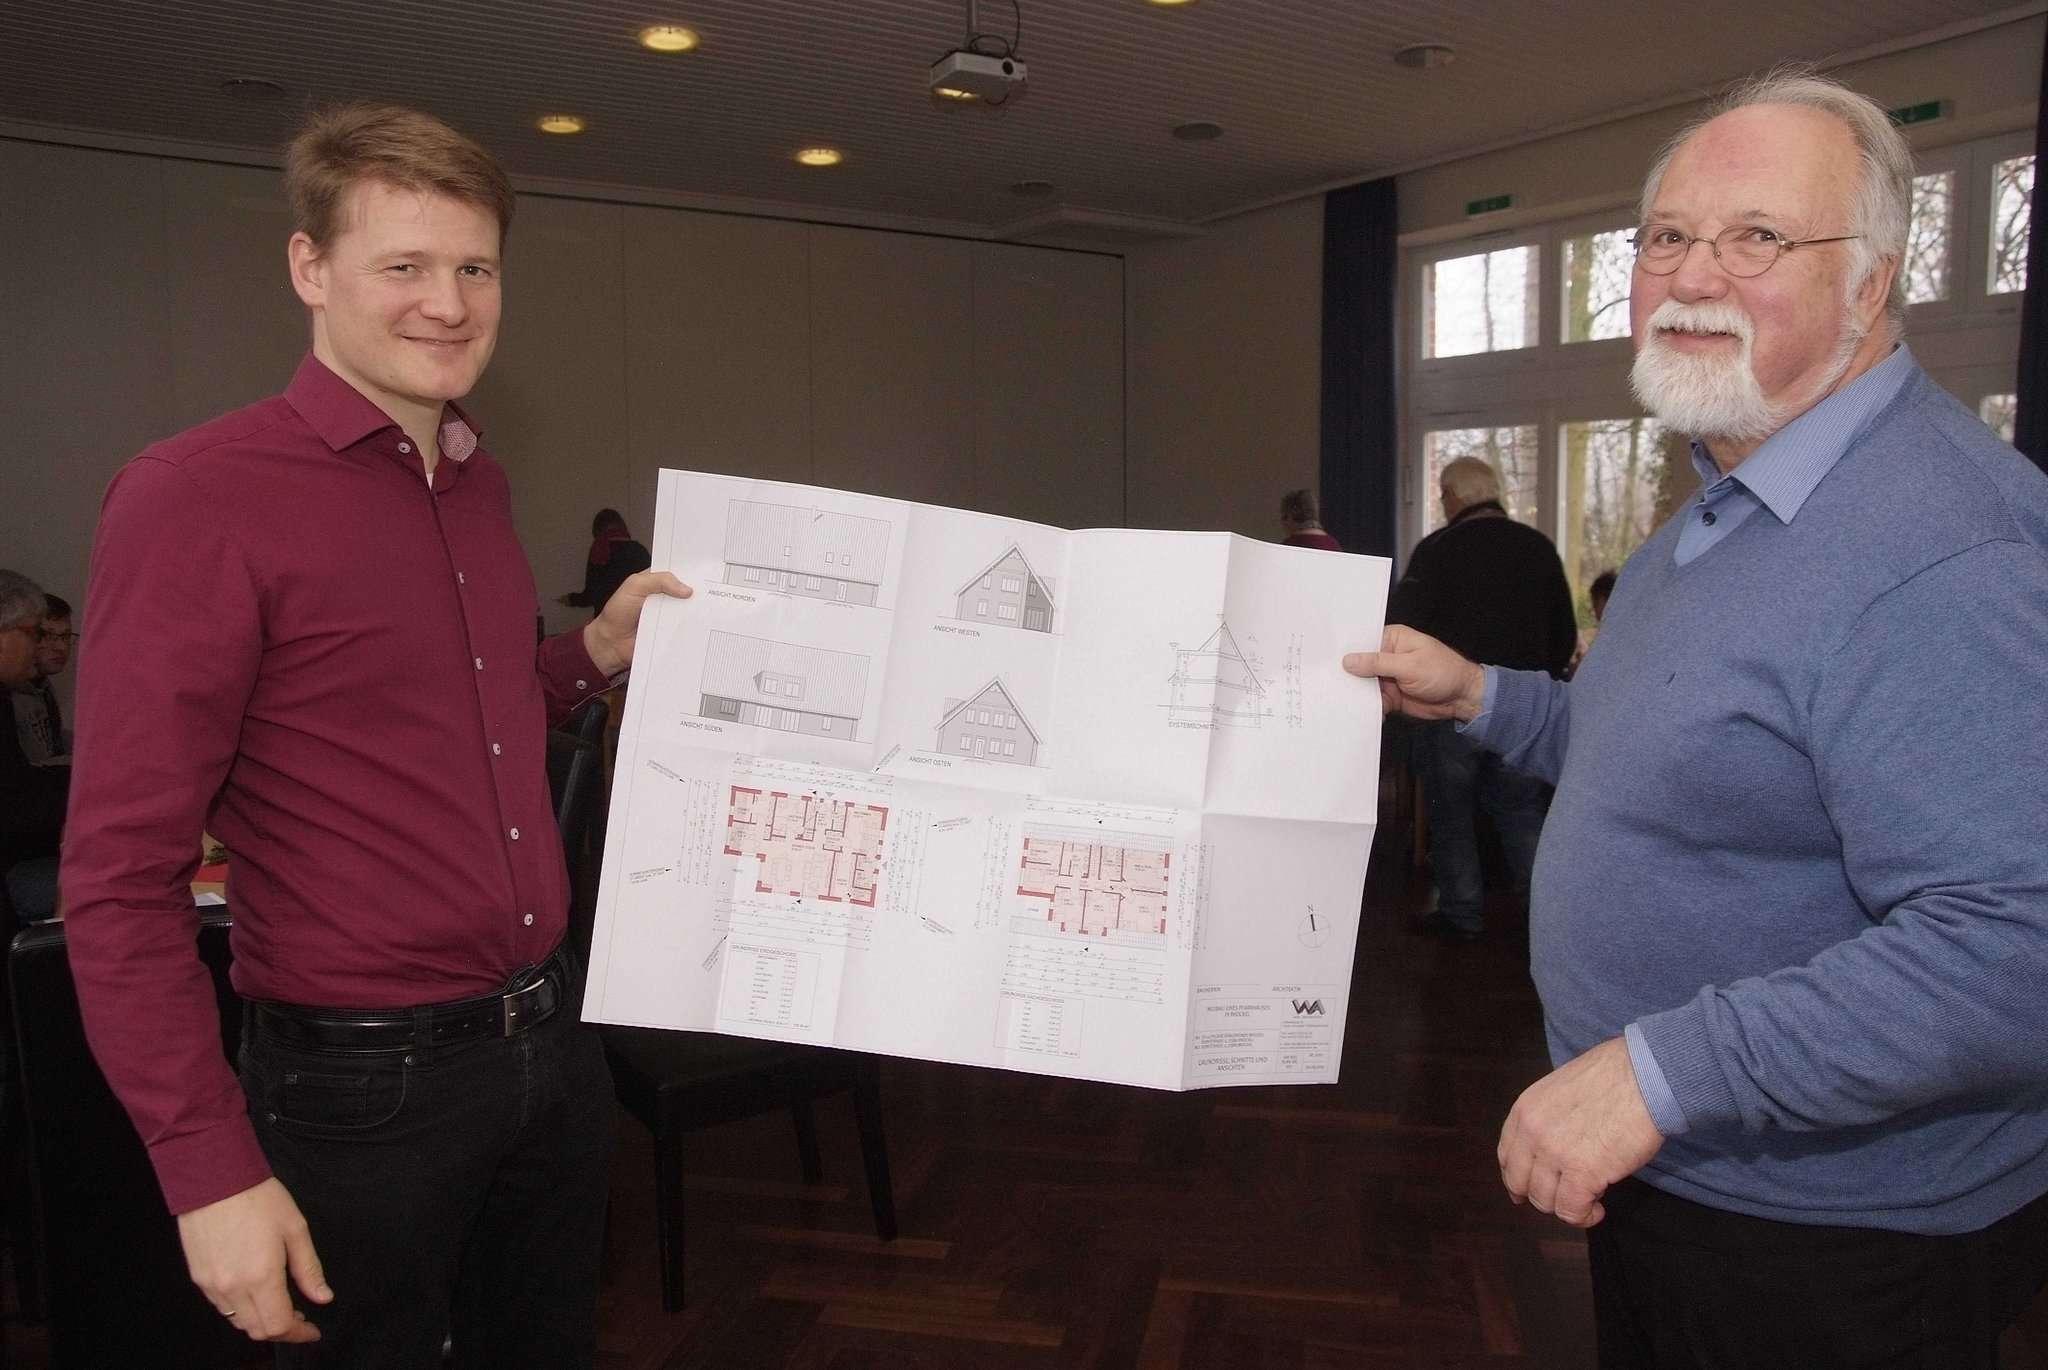 Pastor Ralf Altebockwinkel (links) und Eberhard Thamm vom Kirchenvorstand stellten die Planungen für das neue Pfarrhaus vor. Fotos: Tobias Woelki